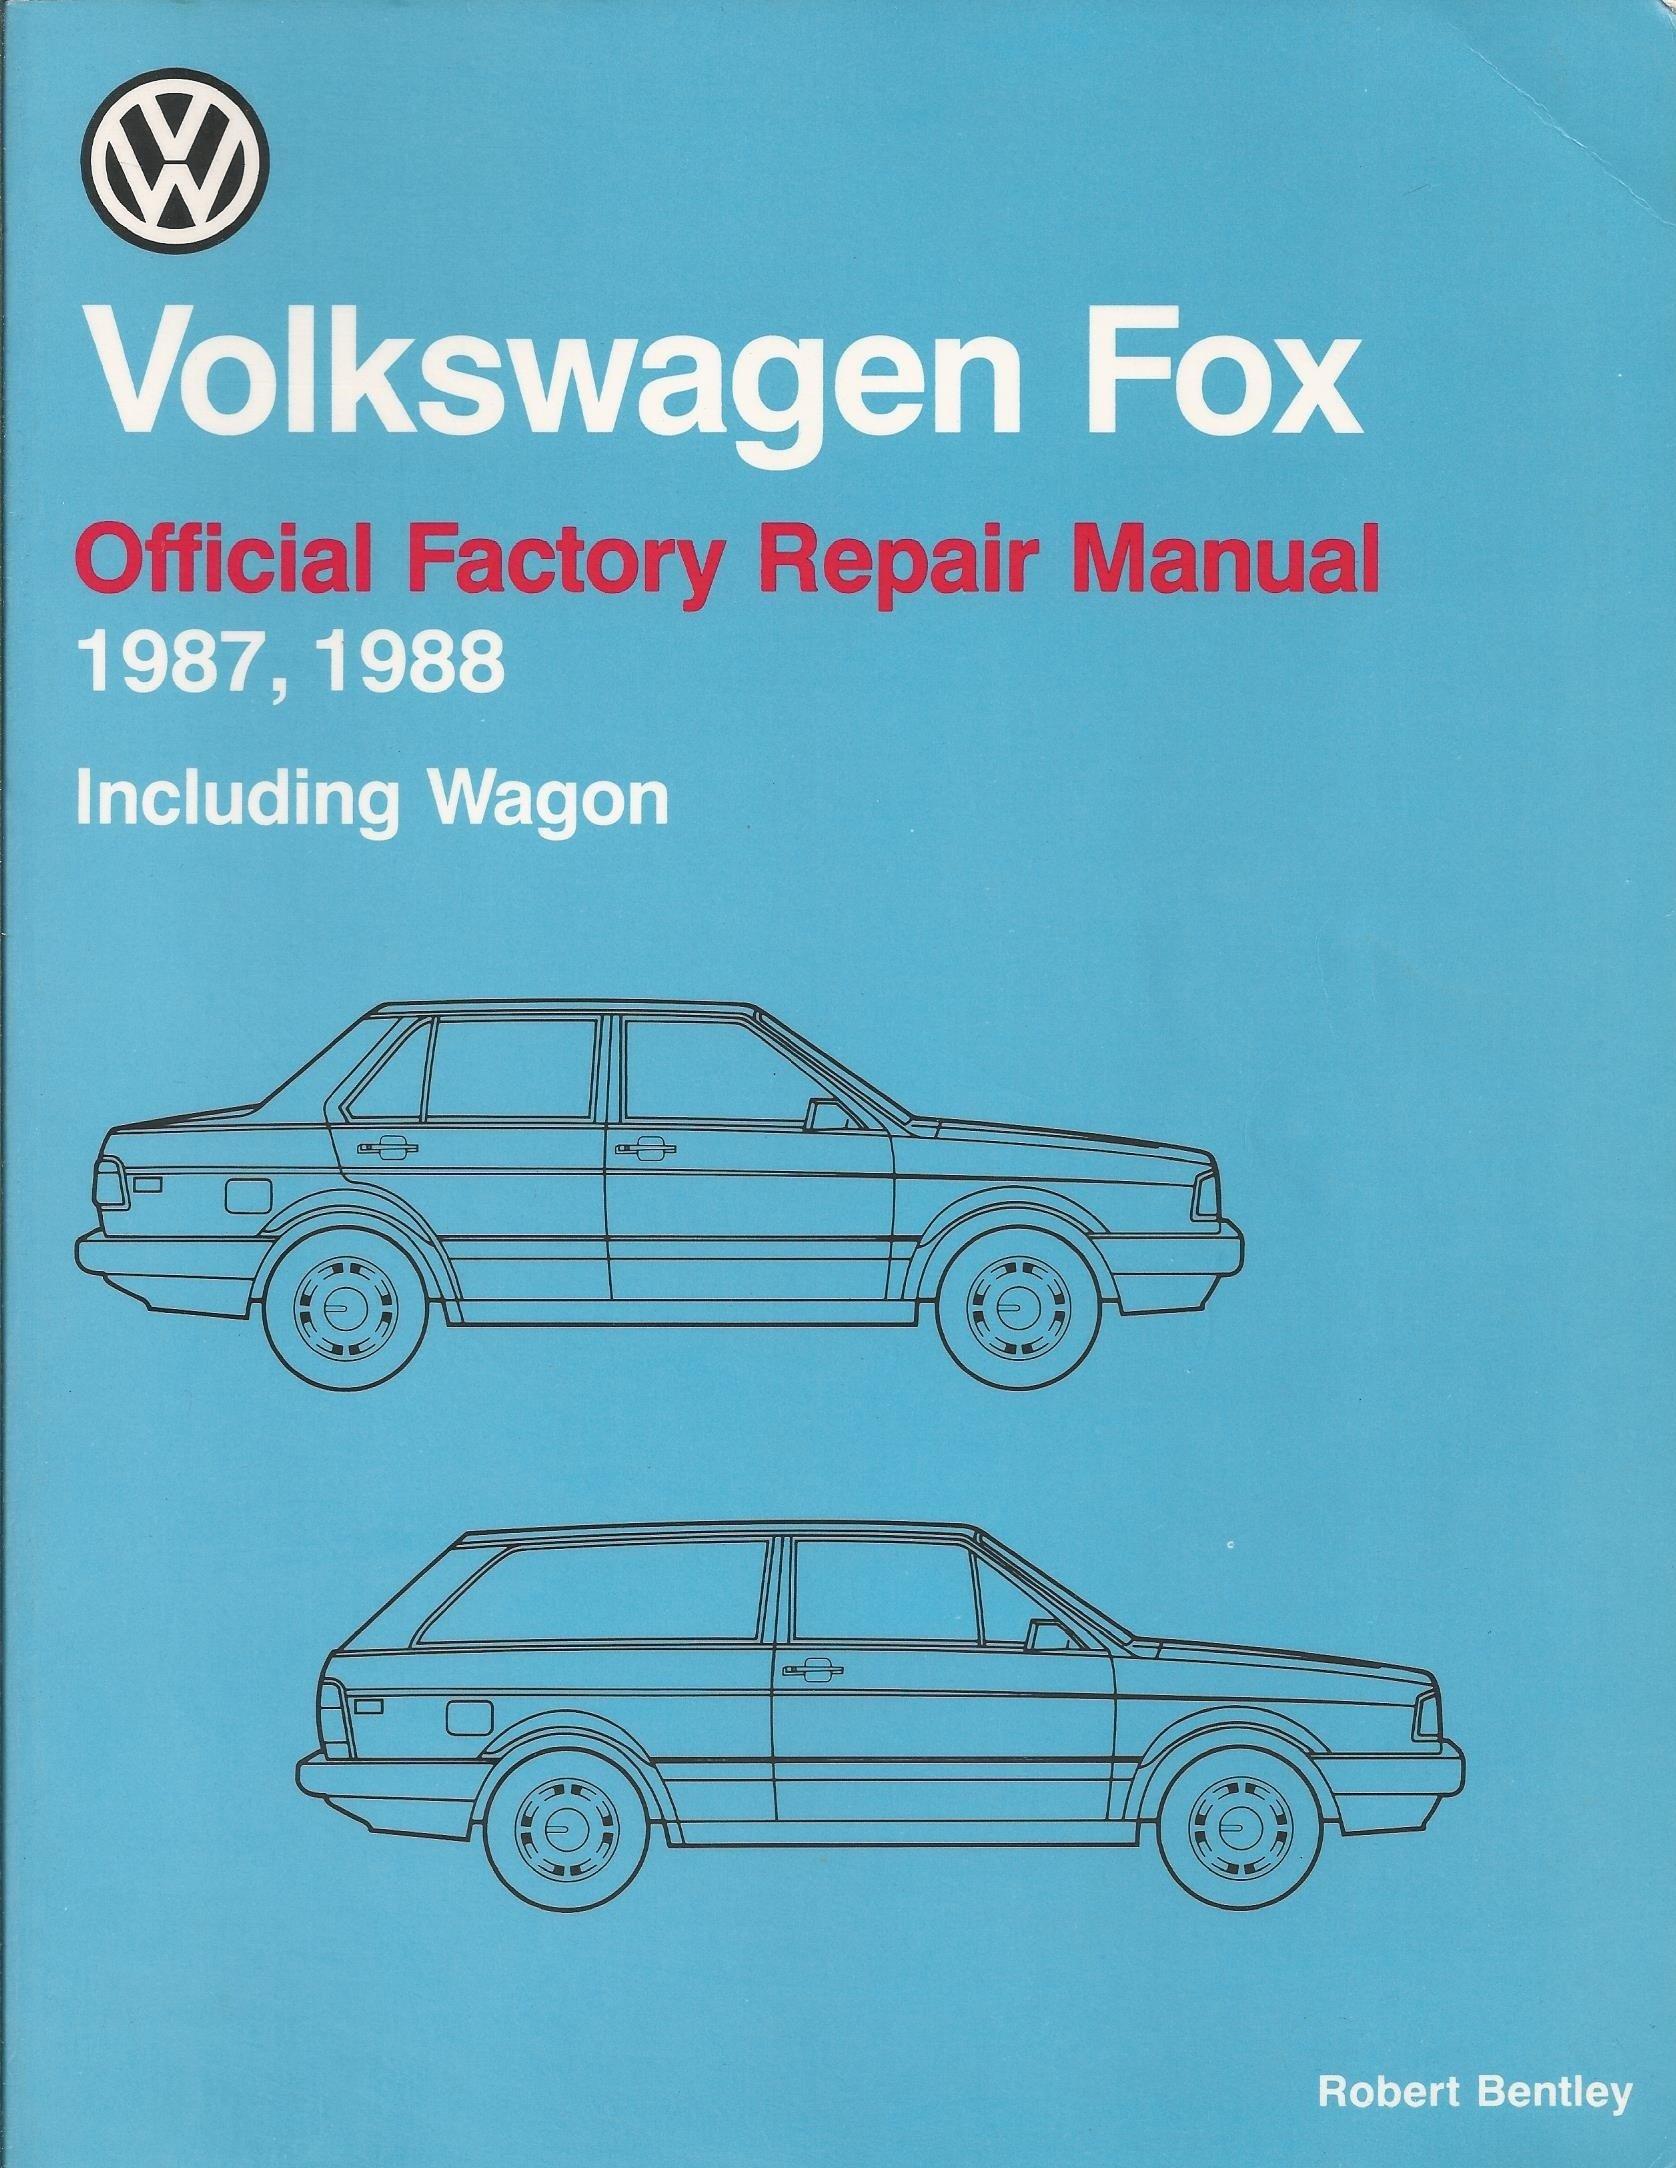 Volkswagen Fox official factory repair manual 1987, 1988 including wagon (Volkswagen  service manuals): Robert Bentley: 9780837603605: Amazon.com: Books